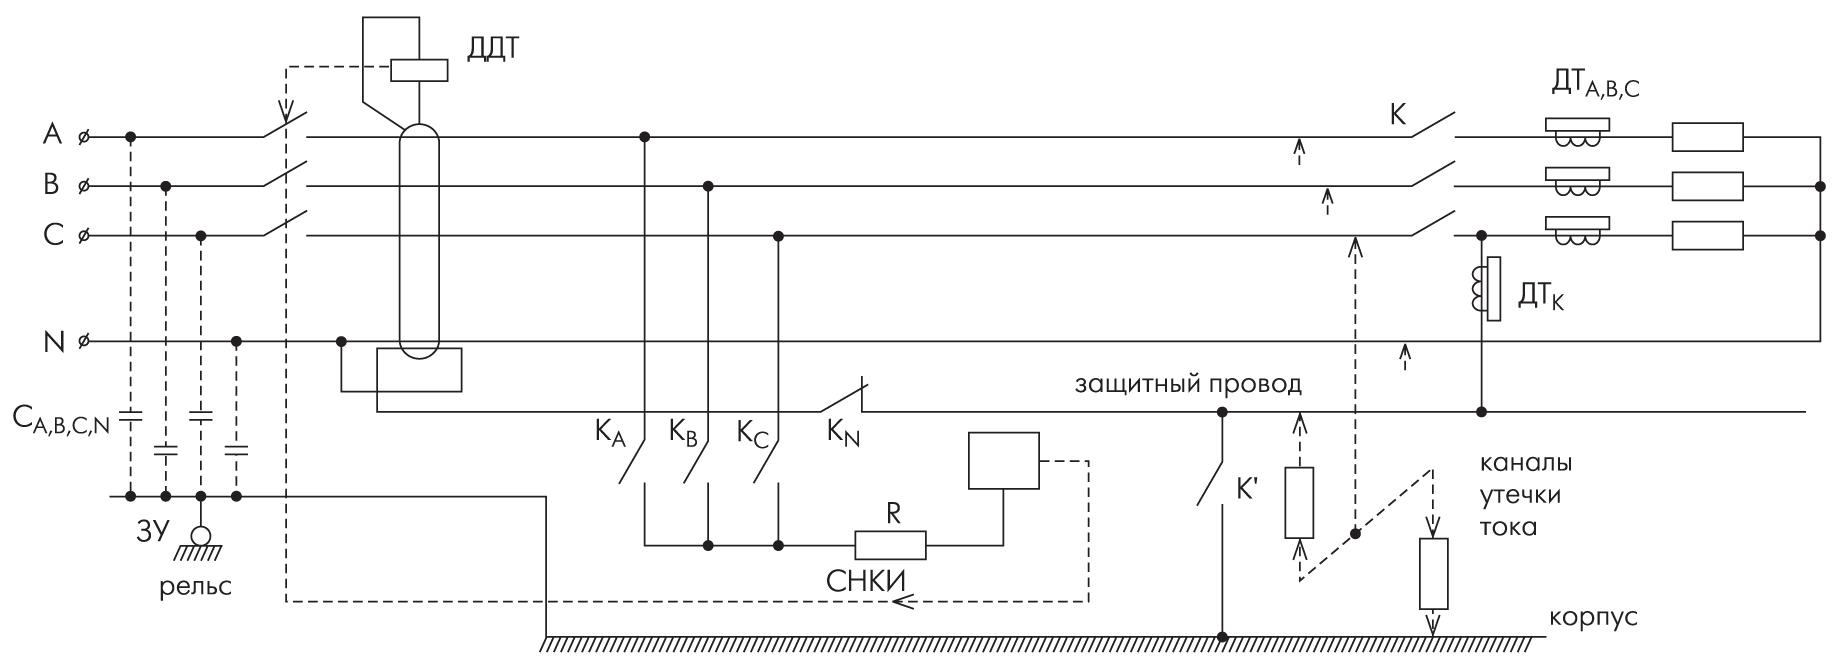 Трехфазная схема электропитания с незаземленной нейтралью и СНКИ на базе поочередного высокоомного «квазизаземления» фаз (и селективной защиты от невыключения)